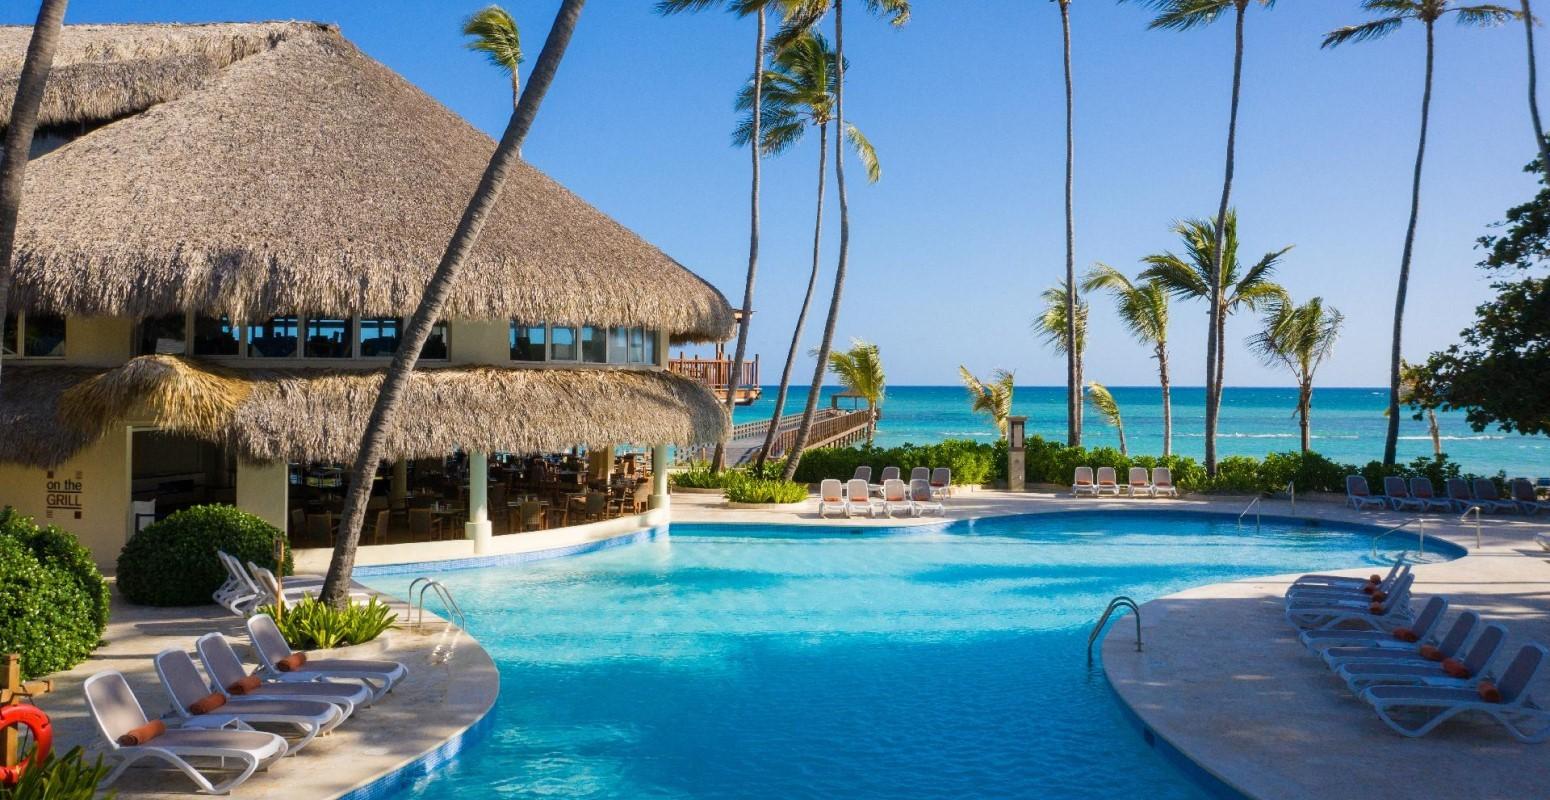 piscina hotel caribe